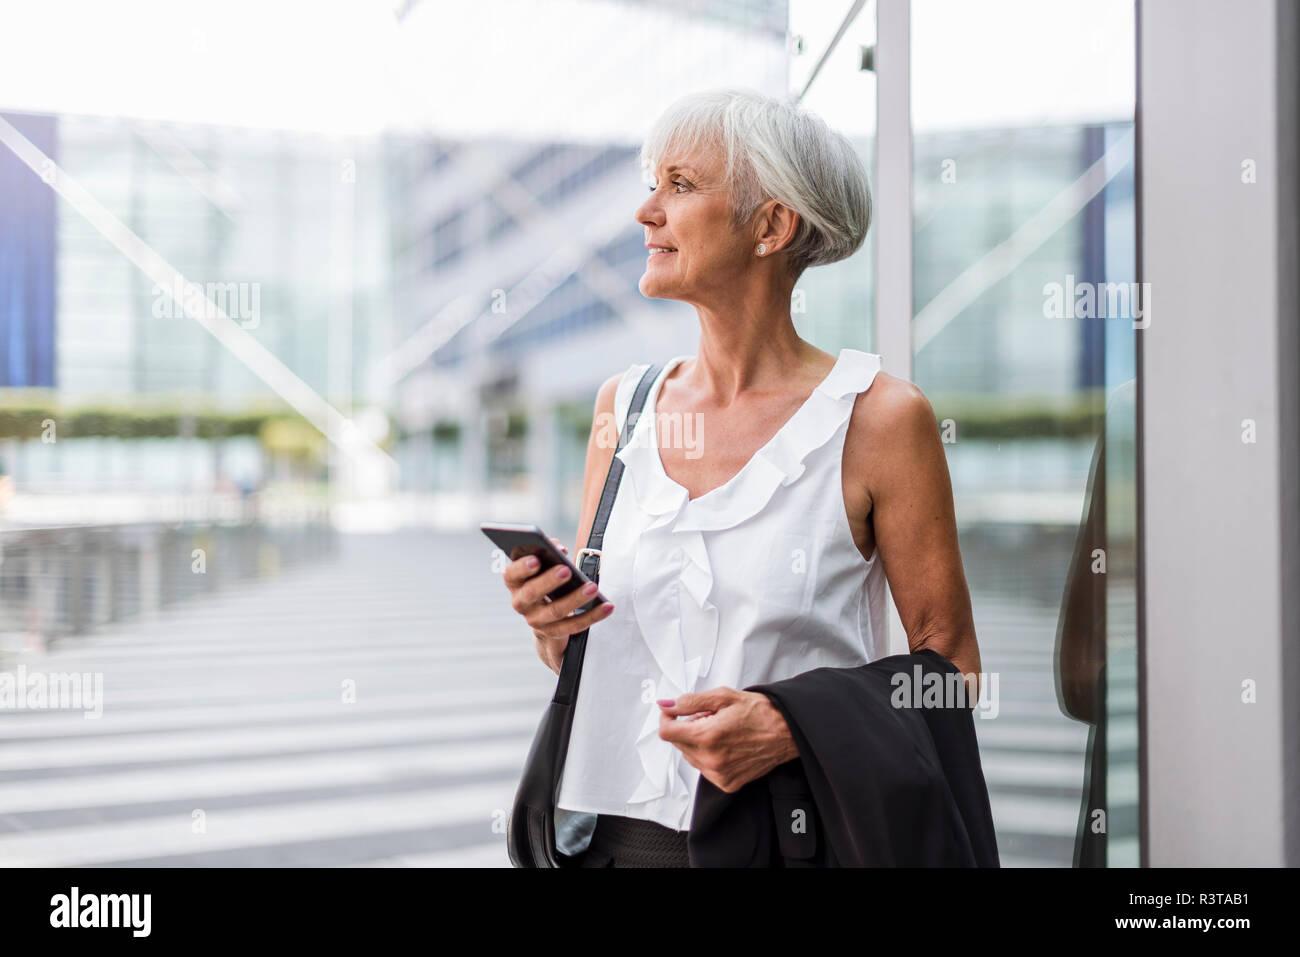 Donna senior con un telefono cellulare nella città guardando intorno Foto Stock